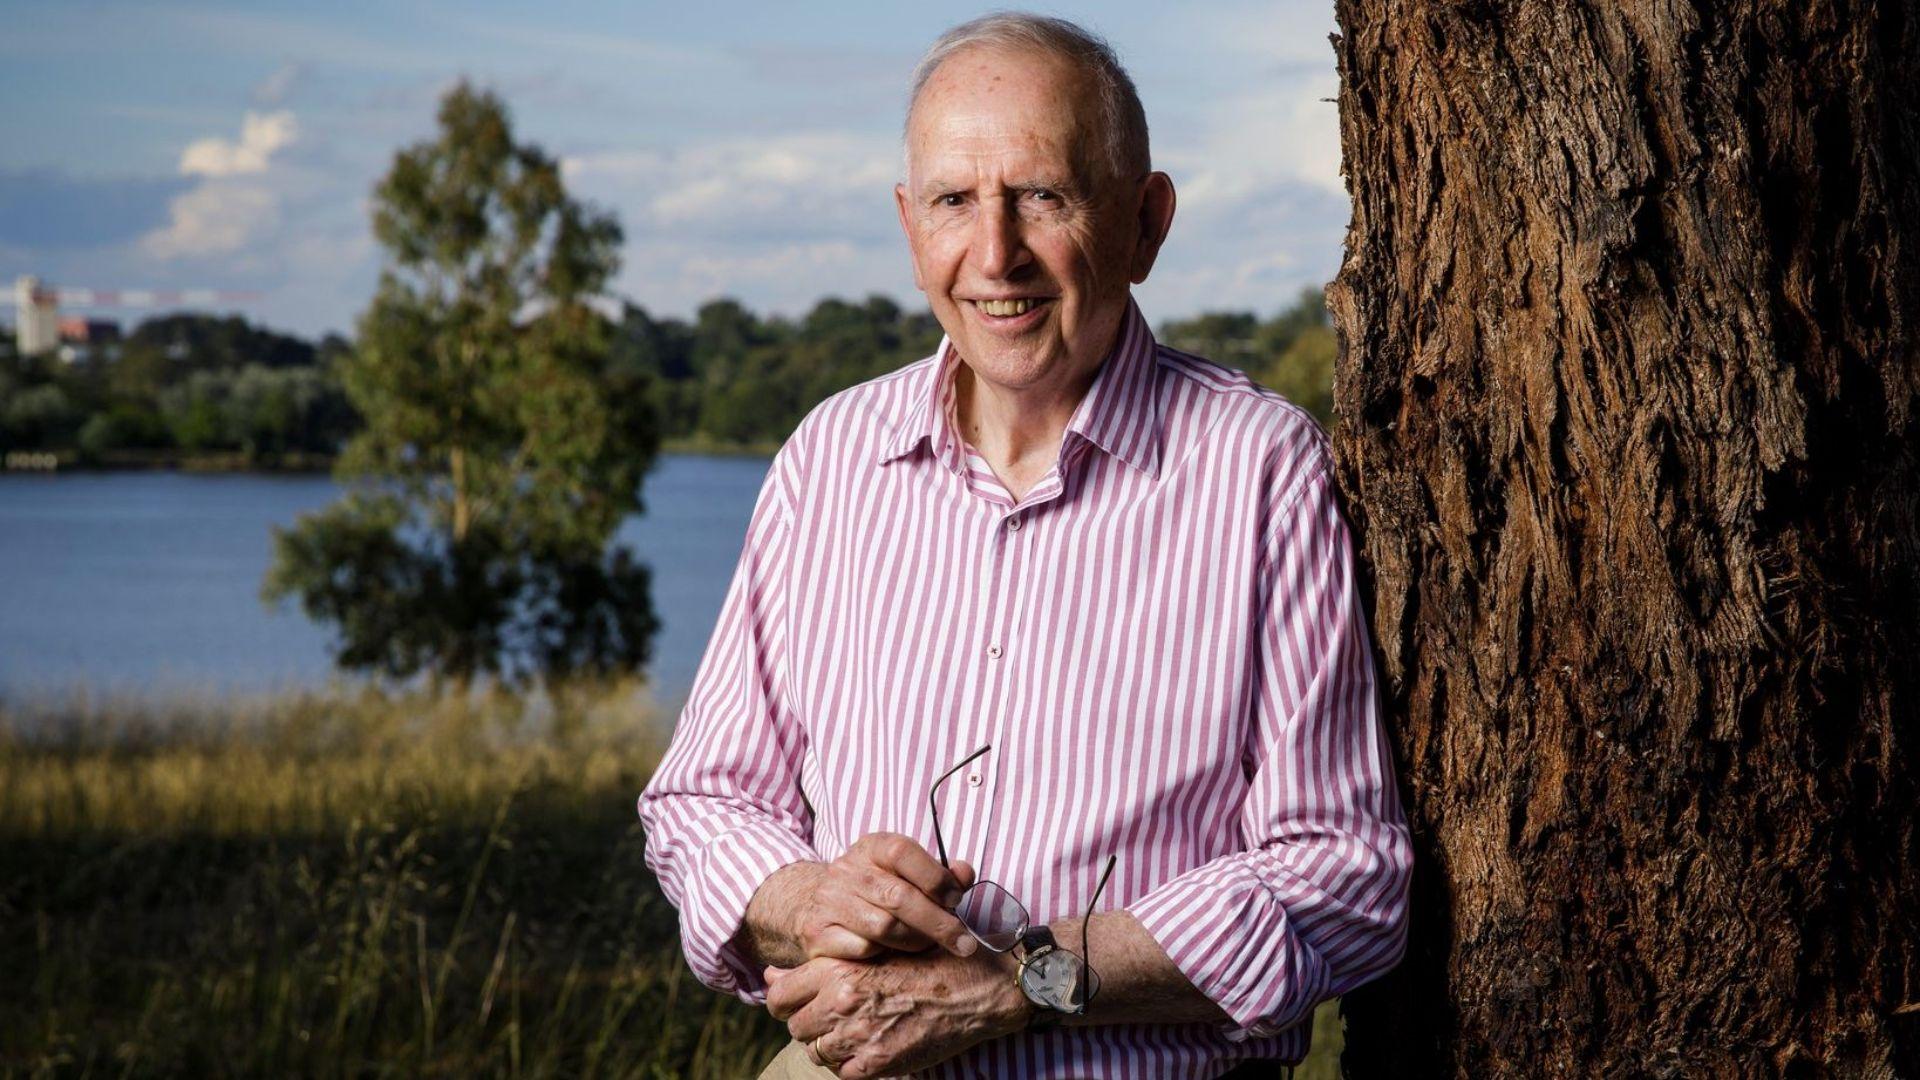 The Kindness Revolution ─ Hugh Mackay to speak in Port Macquarie